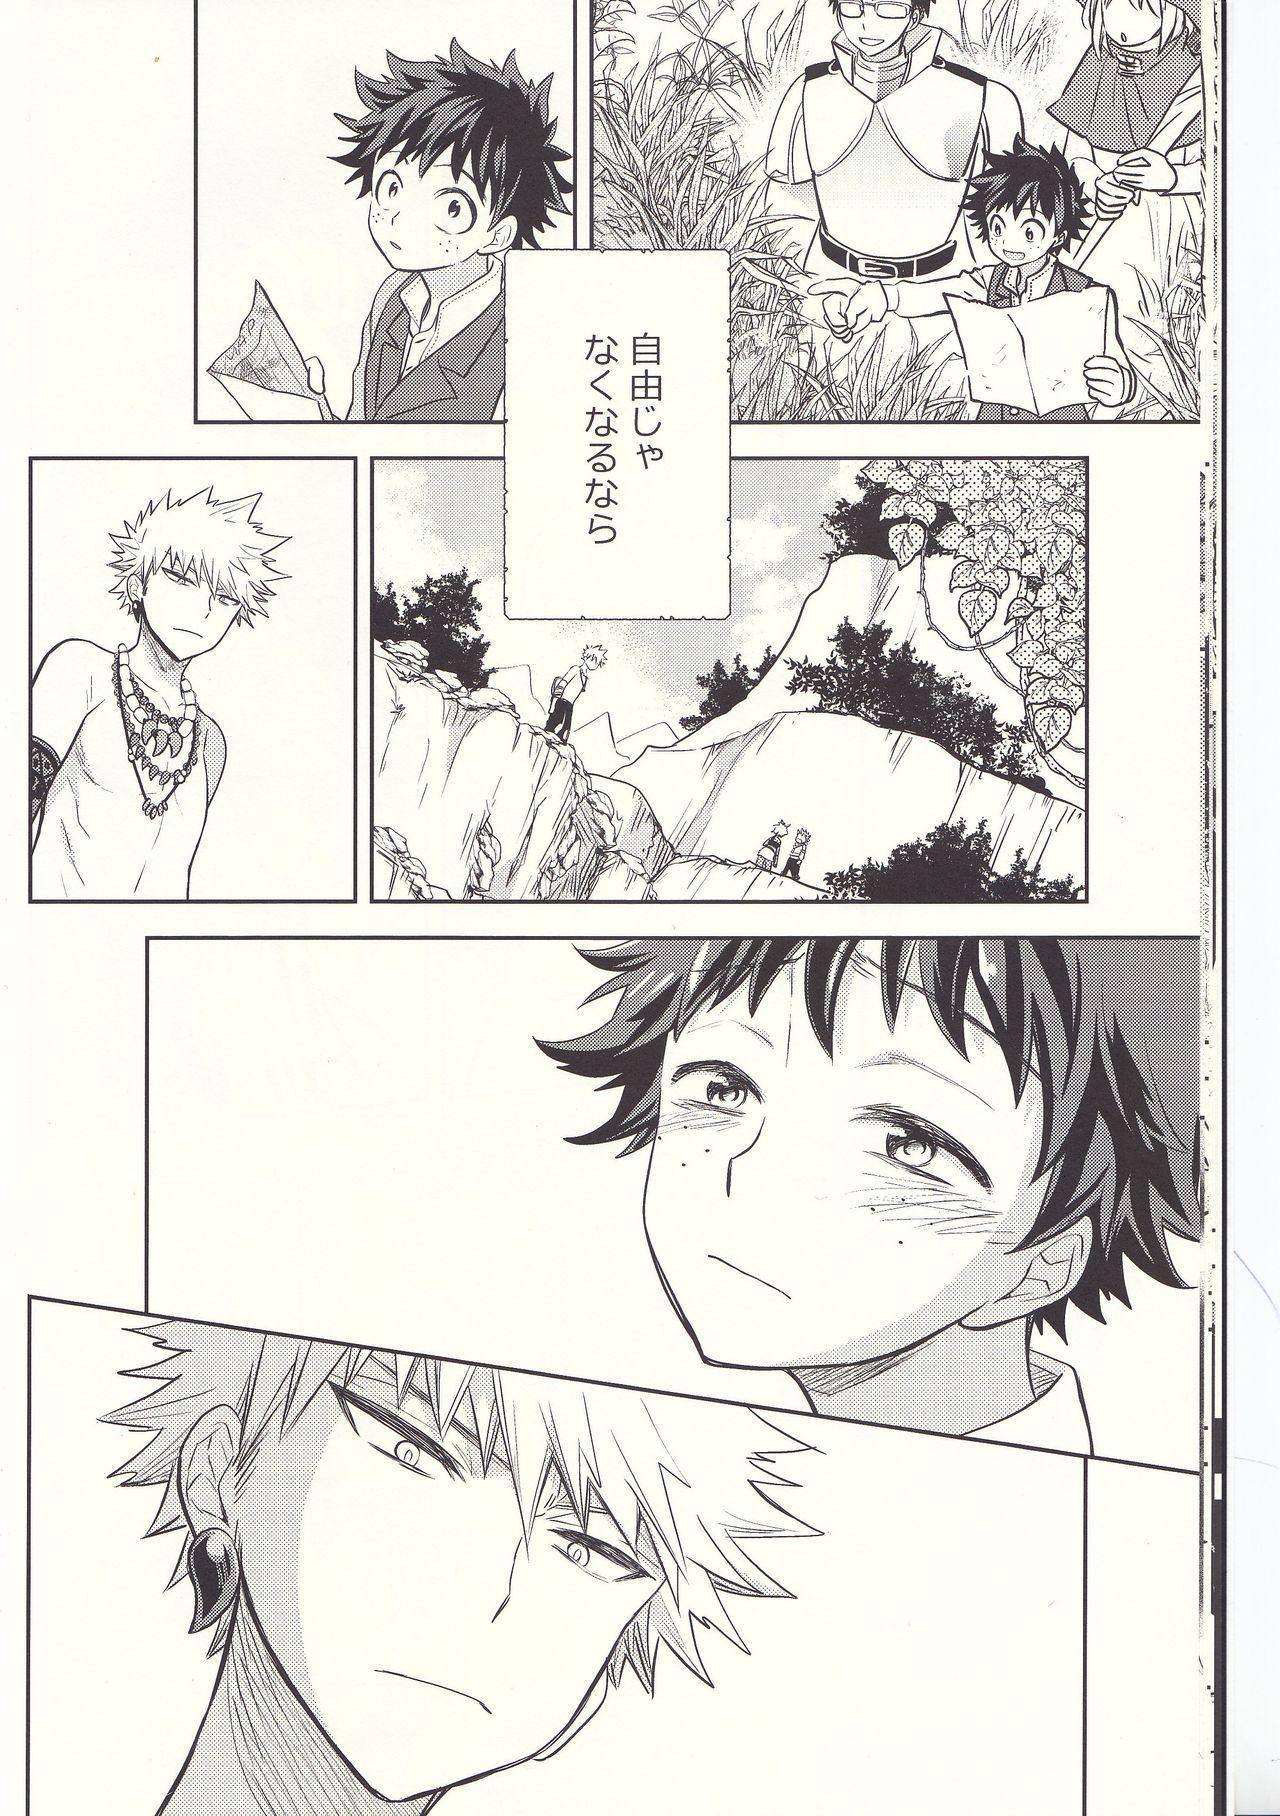 Akatsuki no Agito 12